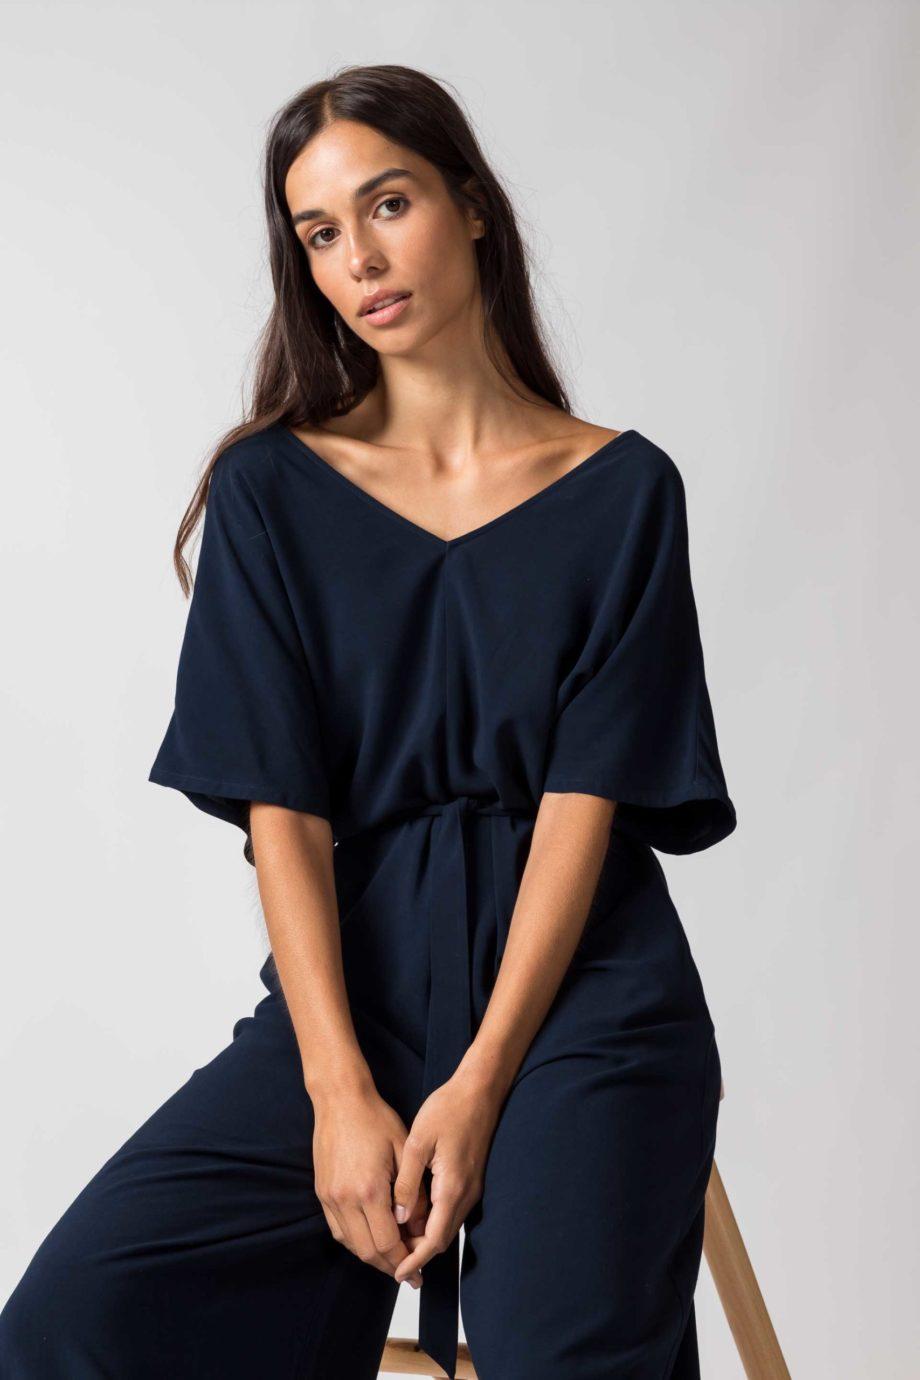 Frau trägt dunkelblauen Jumpsuit von SKFK (KARITATE) aus recycelter Viskose mit kurzen Ärmeln, V-Ausschnitt vorn und hinten und seitlichen Eingriffstaschen. Nobel und bequem - der weite Schnitt mit abnehmbarem Bindegürtel. / Detailansicht / Color B8 / pussyGALORE / Leipzig